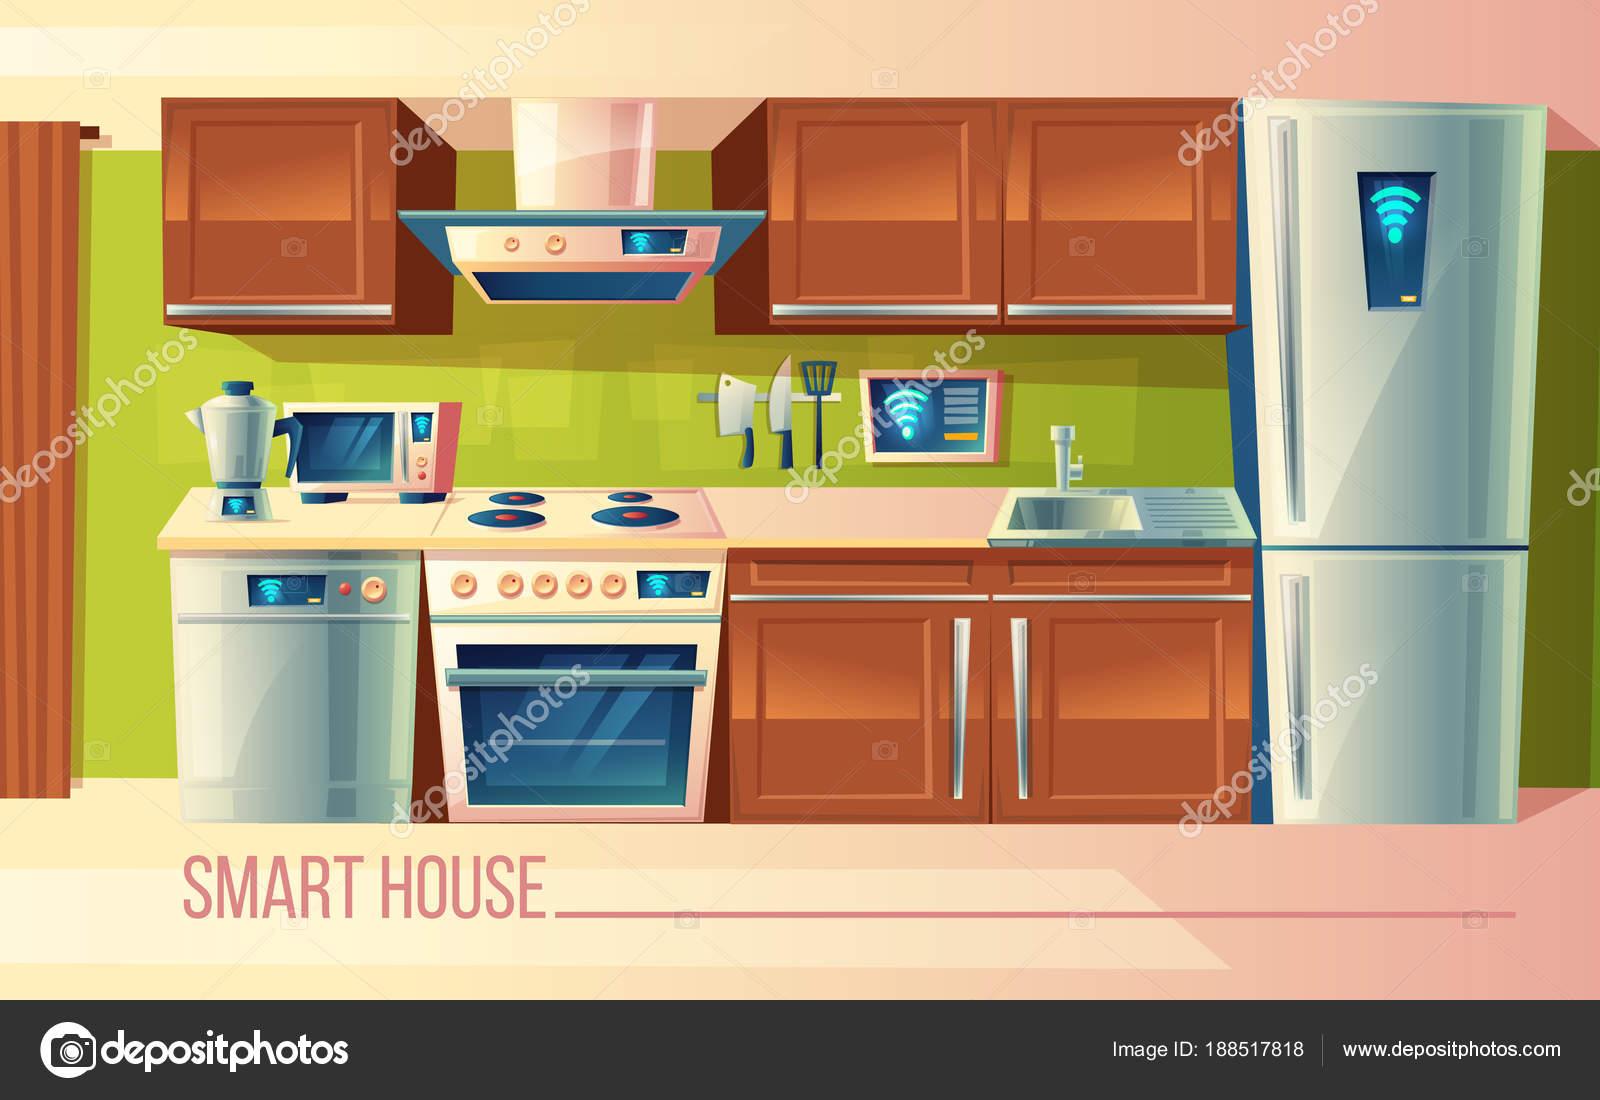 Casa elegante de Vector, control inalámbrico de aparatos de cocina ...